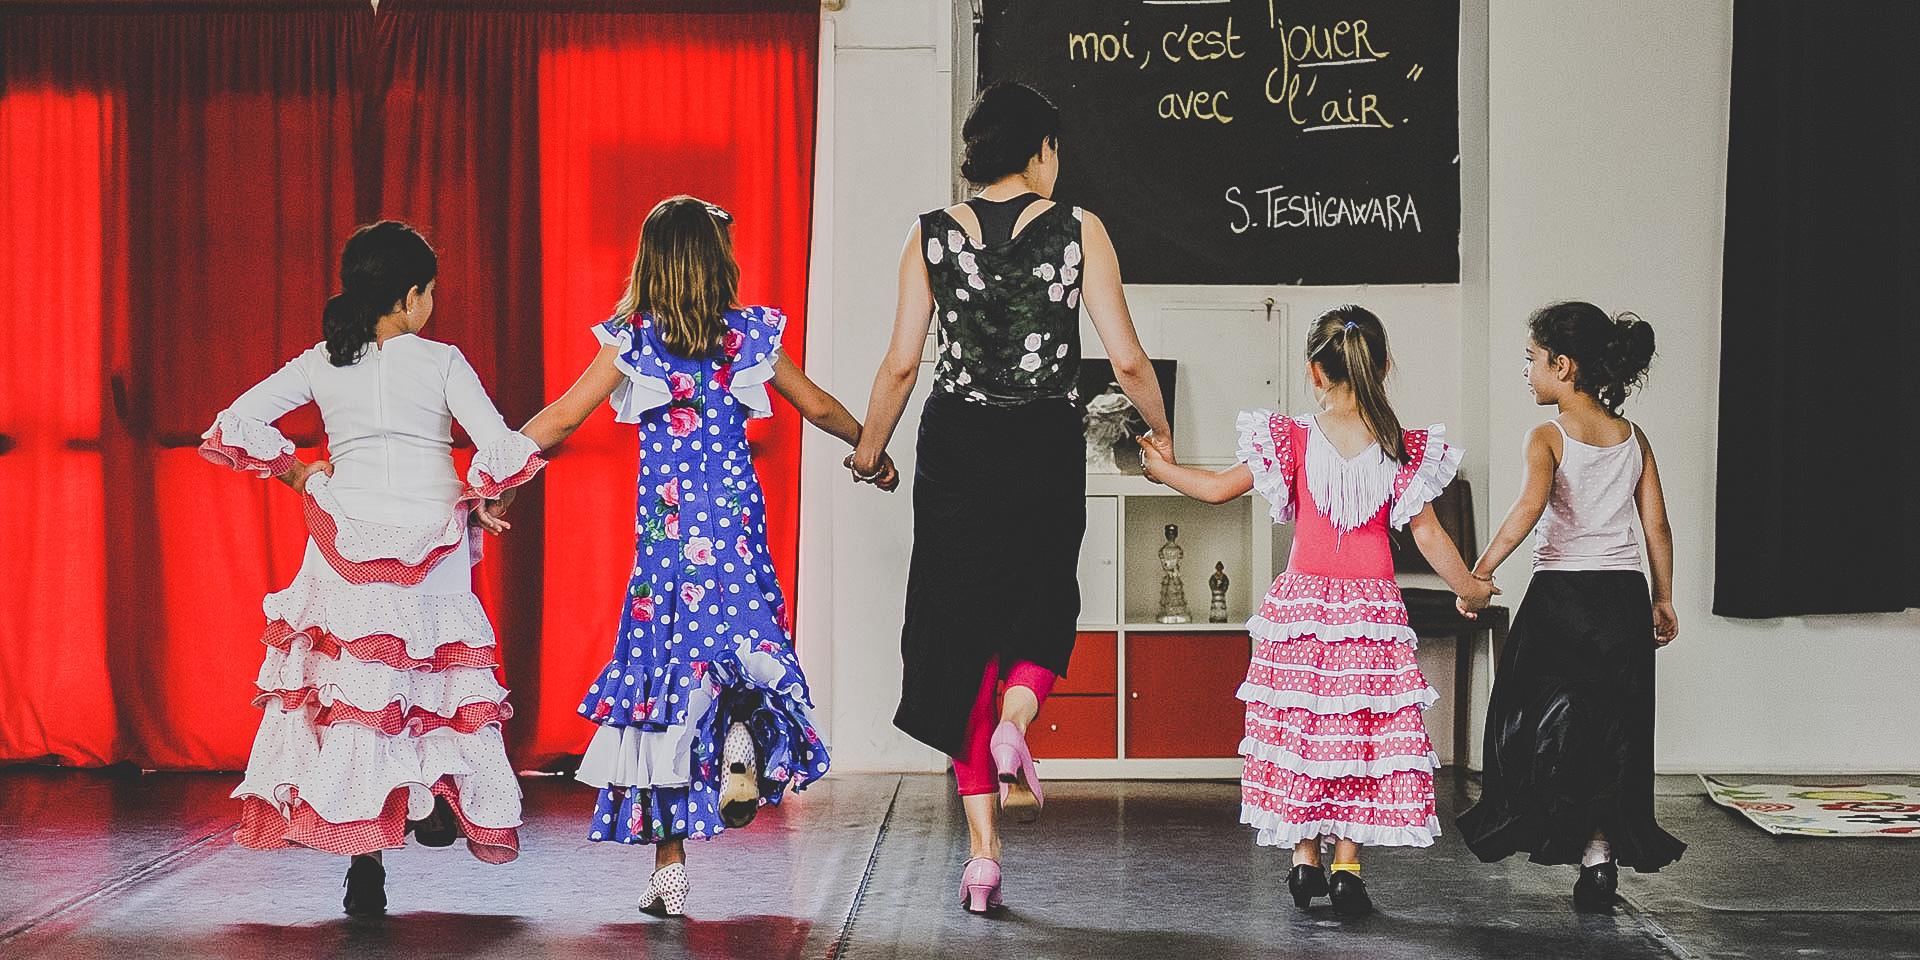 cours-de-danse-enfants-a-toulouse-flamenco-fabrica-flamenca